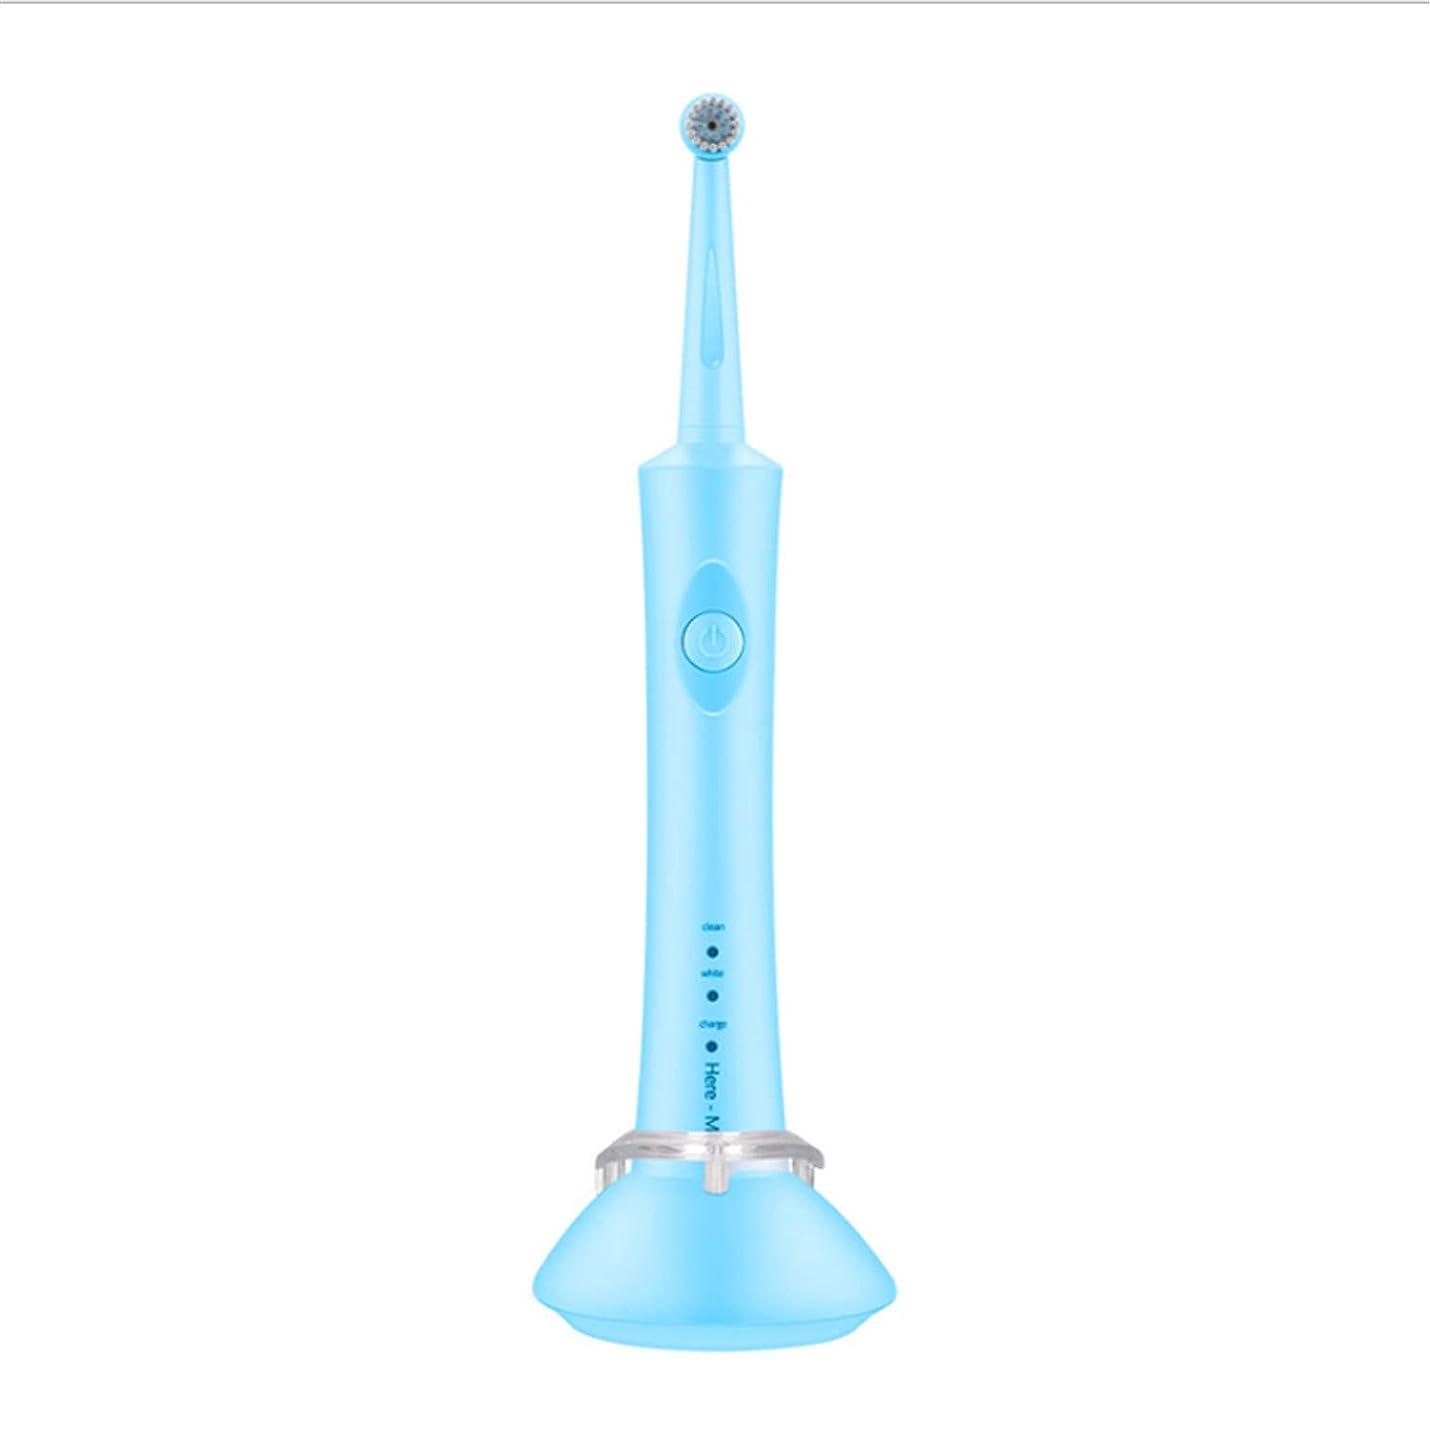 トピックフレット部電動歯ブラシ、柔らかい髪の防水回転式歯ブラシ、深部クリーニング誘導充電大人と子供たち Blue